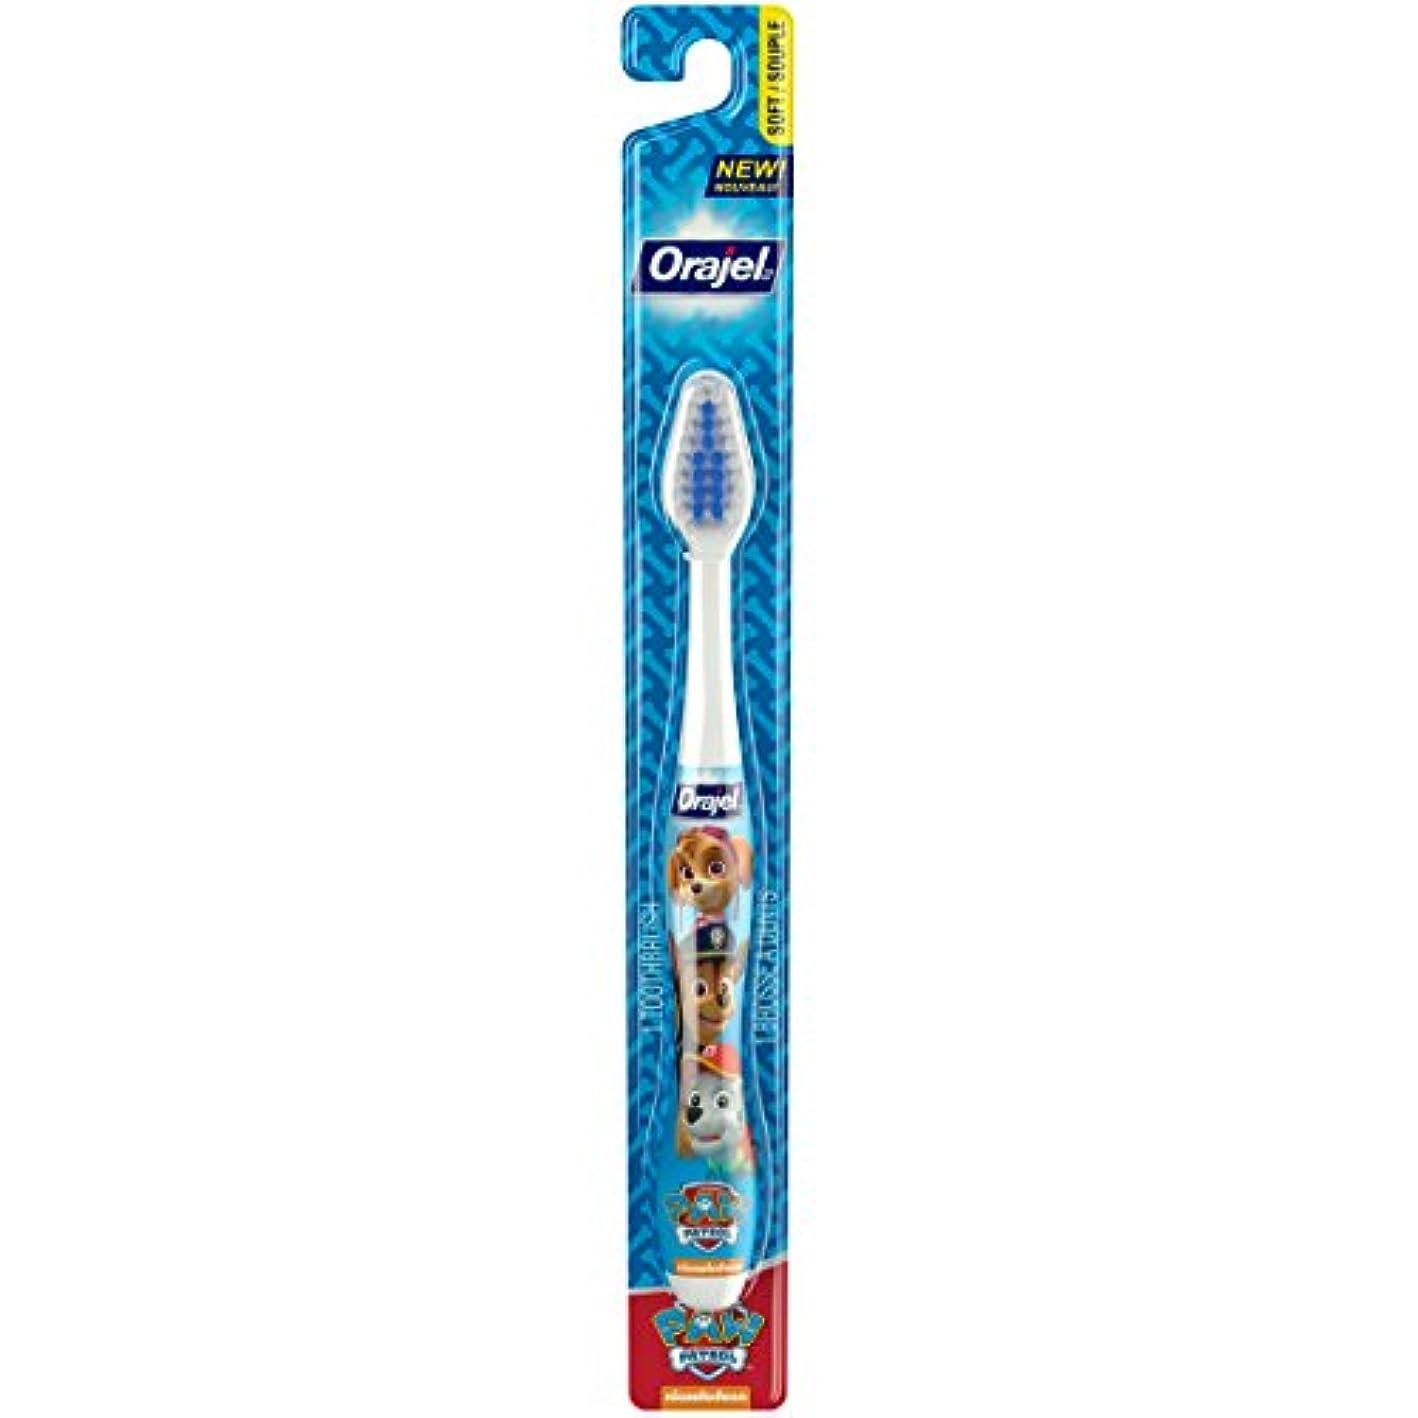 効果的一貫したランチOrajel ポウパトロール幼児の歯ブラシ